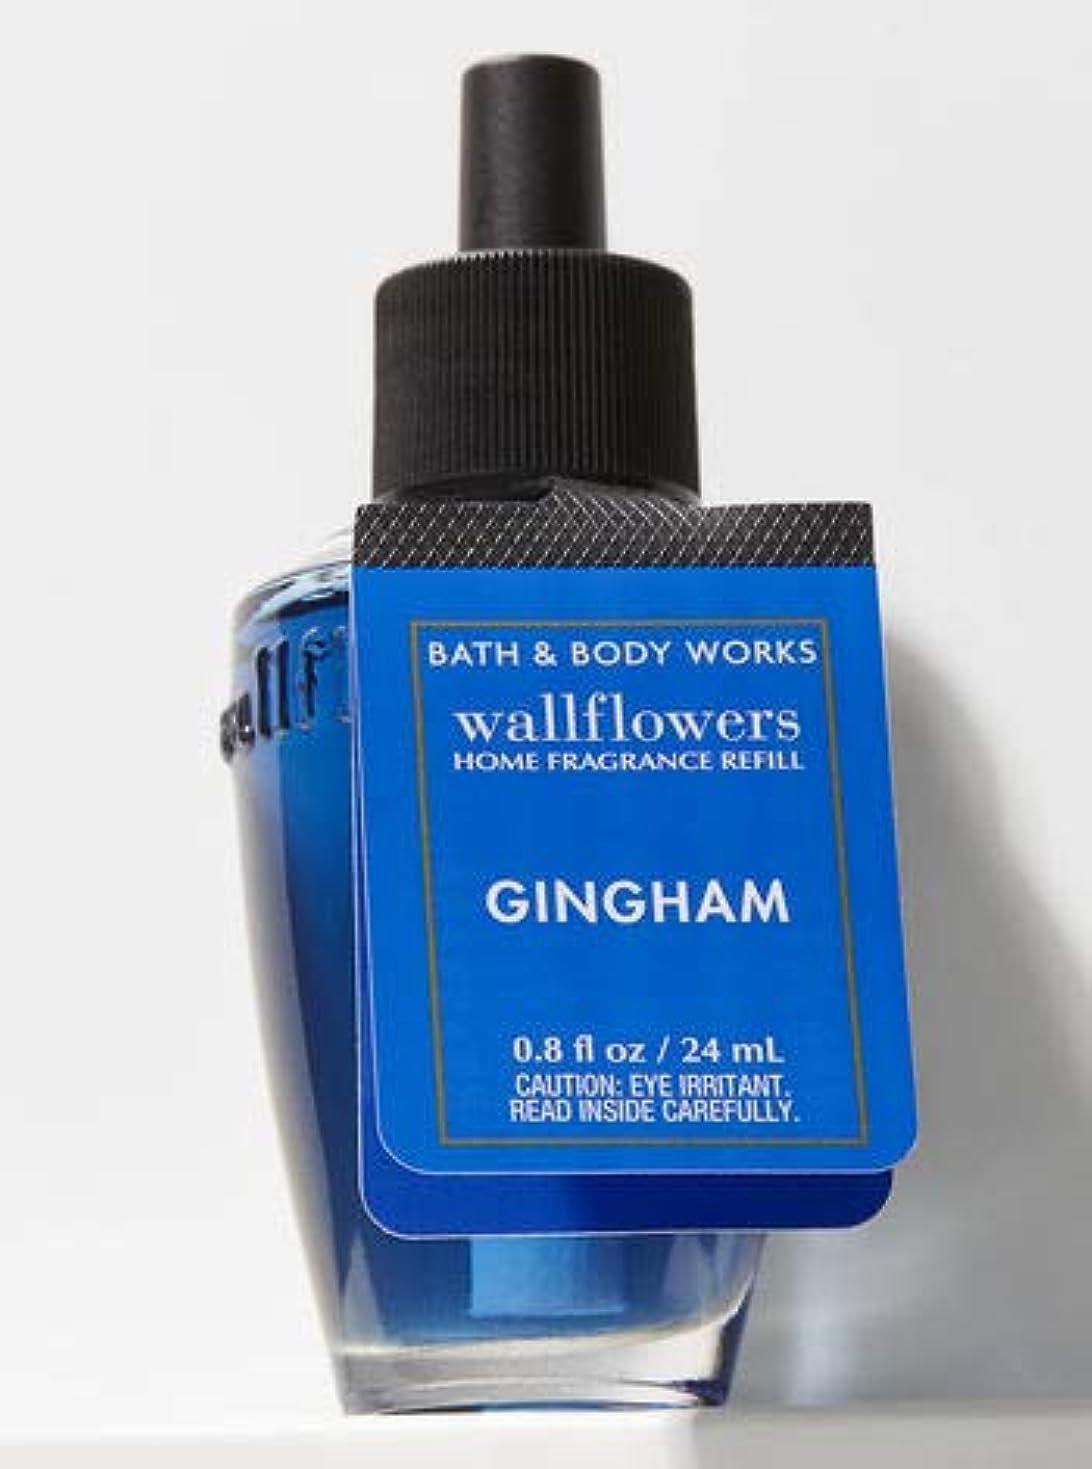 外出明るい民間人【Bath&Body Works/バス&ボディワークス】 ルームフレグランス 詰替えリフィル ギンガム Wallflowers Home Fragrance Refill Gingham [並行輸入品]